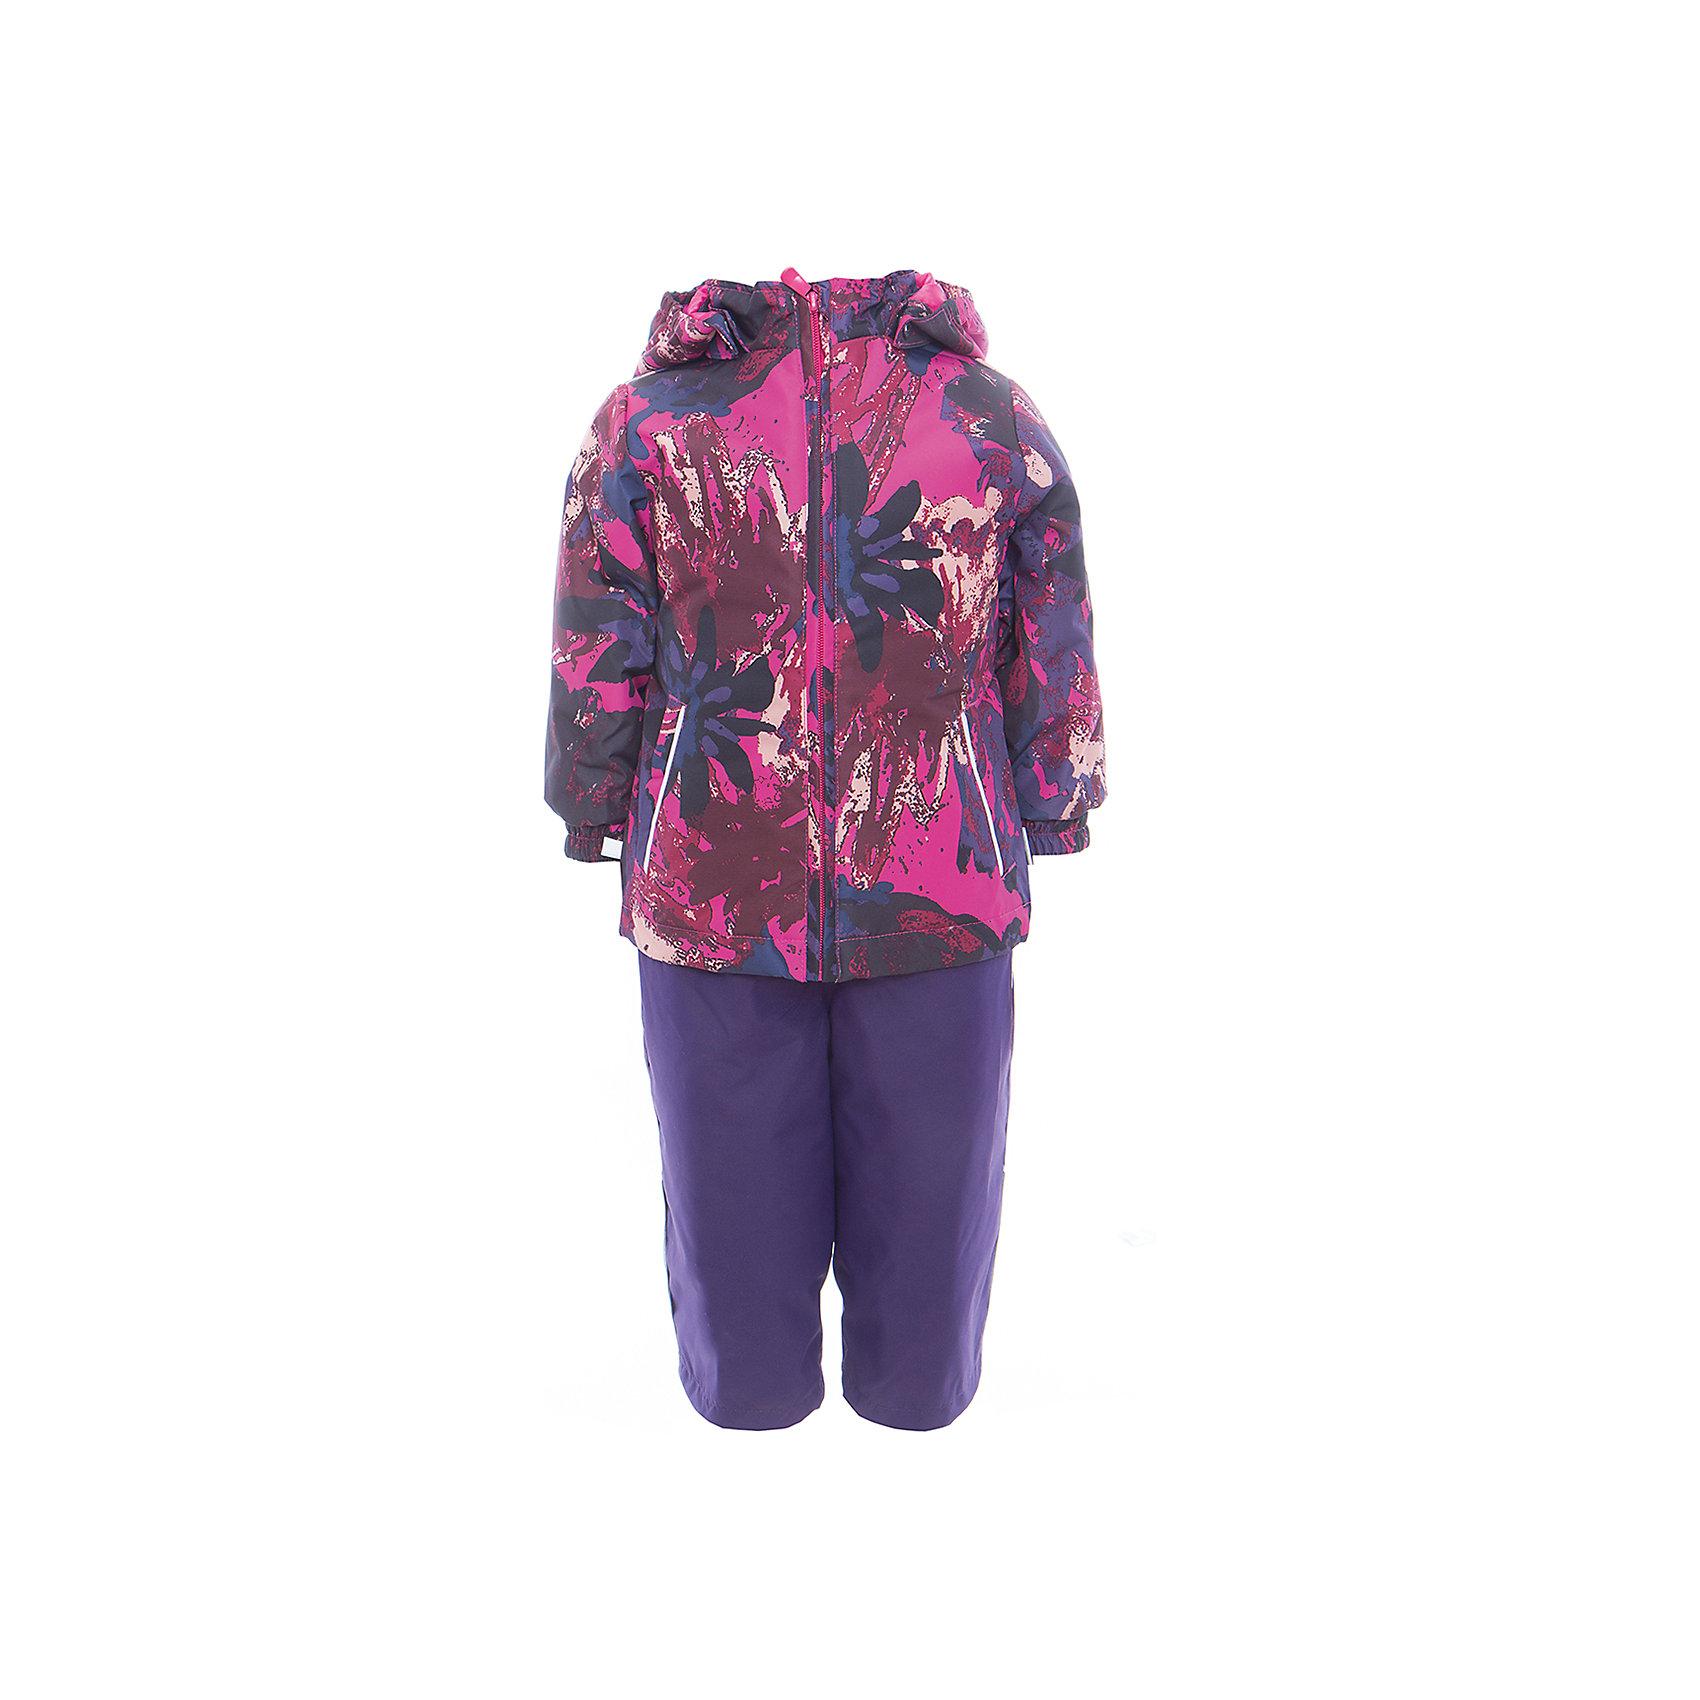 Комплект: куртка и полукомбинезон для девочки YONNE HuppaХарактеристики товара:<br><br>• цвет: фуксия принт/тёмно-фиолетовый<br>• комплектация: куртка и полукомбинезон <br>• ткань: 100% полиэстер<br>• подкладка: тафта - 100% полиэстер<br>• утеплитель: куртка и полукомбинезон - 100% полиэстер 100 г.<br>• температурный режим: от -5°С до +10°С<br>• водонепроницаемость: верх - 5000 мм, низ - 10000 мм<br>• воздухопроницаемость: верх - 5000 мм, низ - 10000 мм<br>• светоотражающие детали<br>• шов сидения проклеен<br>• съёмный капюшон с резинкой<br>• защита подбородка от молнии<br>• эластичные манжеты на рукавах<br>• регулируемый низ брючин<br>• эластичный шнур с фиксатором внизу брючин<br>• без внутренних швов<br>• резиновые подтяжки<br>• коллекция: весна-лето 2017<br>• страна бренда: Эстония<br><br>Такой модный демисезонный комплект  обеспечит детям тепло и комфорт. Он сделан из материала, отталкивающего воду, и дополнен подкладкой с утеплителем, поэтому изделие идеально подходит для межсезонья. Материал изделий - с мембранной технологией: защищая от влаги и ветра, он легко выводит лишнюю влагу наружу. Комплект очень симпатично смотрится. <br><br>Одежда и обувь от популярного эстонского бренда Huppa - отличный вариант одеть ребенка можно и комфортно. Вещи, выпускаемые компанией, качественные, продуманные и очень удобные. Для производства изделий используются только безопасные для детей материалы. Продукция от Huppa порадует и детей, и их родителей!<br><br>Комплект: куртка и полукомбинезон YONNE от бренда Huppa (Хуппа) можно купить в нашем интернет-магазине.<br><br>Ширина мм: 356<br>Глубина мм: 10<br>Высота мм: 245<br>Вес г: 519<br>Цвет: фиолетовый<br>Возраст от месяцев: 72<br>Возраст до месяцев: 84<br>Пол: Женский<br>Возраст: Детский<br>Размер: 122,80,86,92,98,104,110,116<br>SKU: 5346681